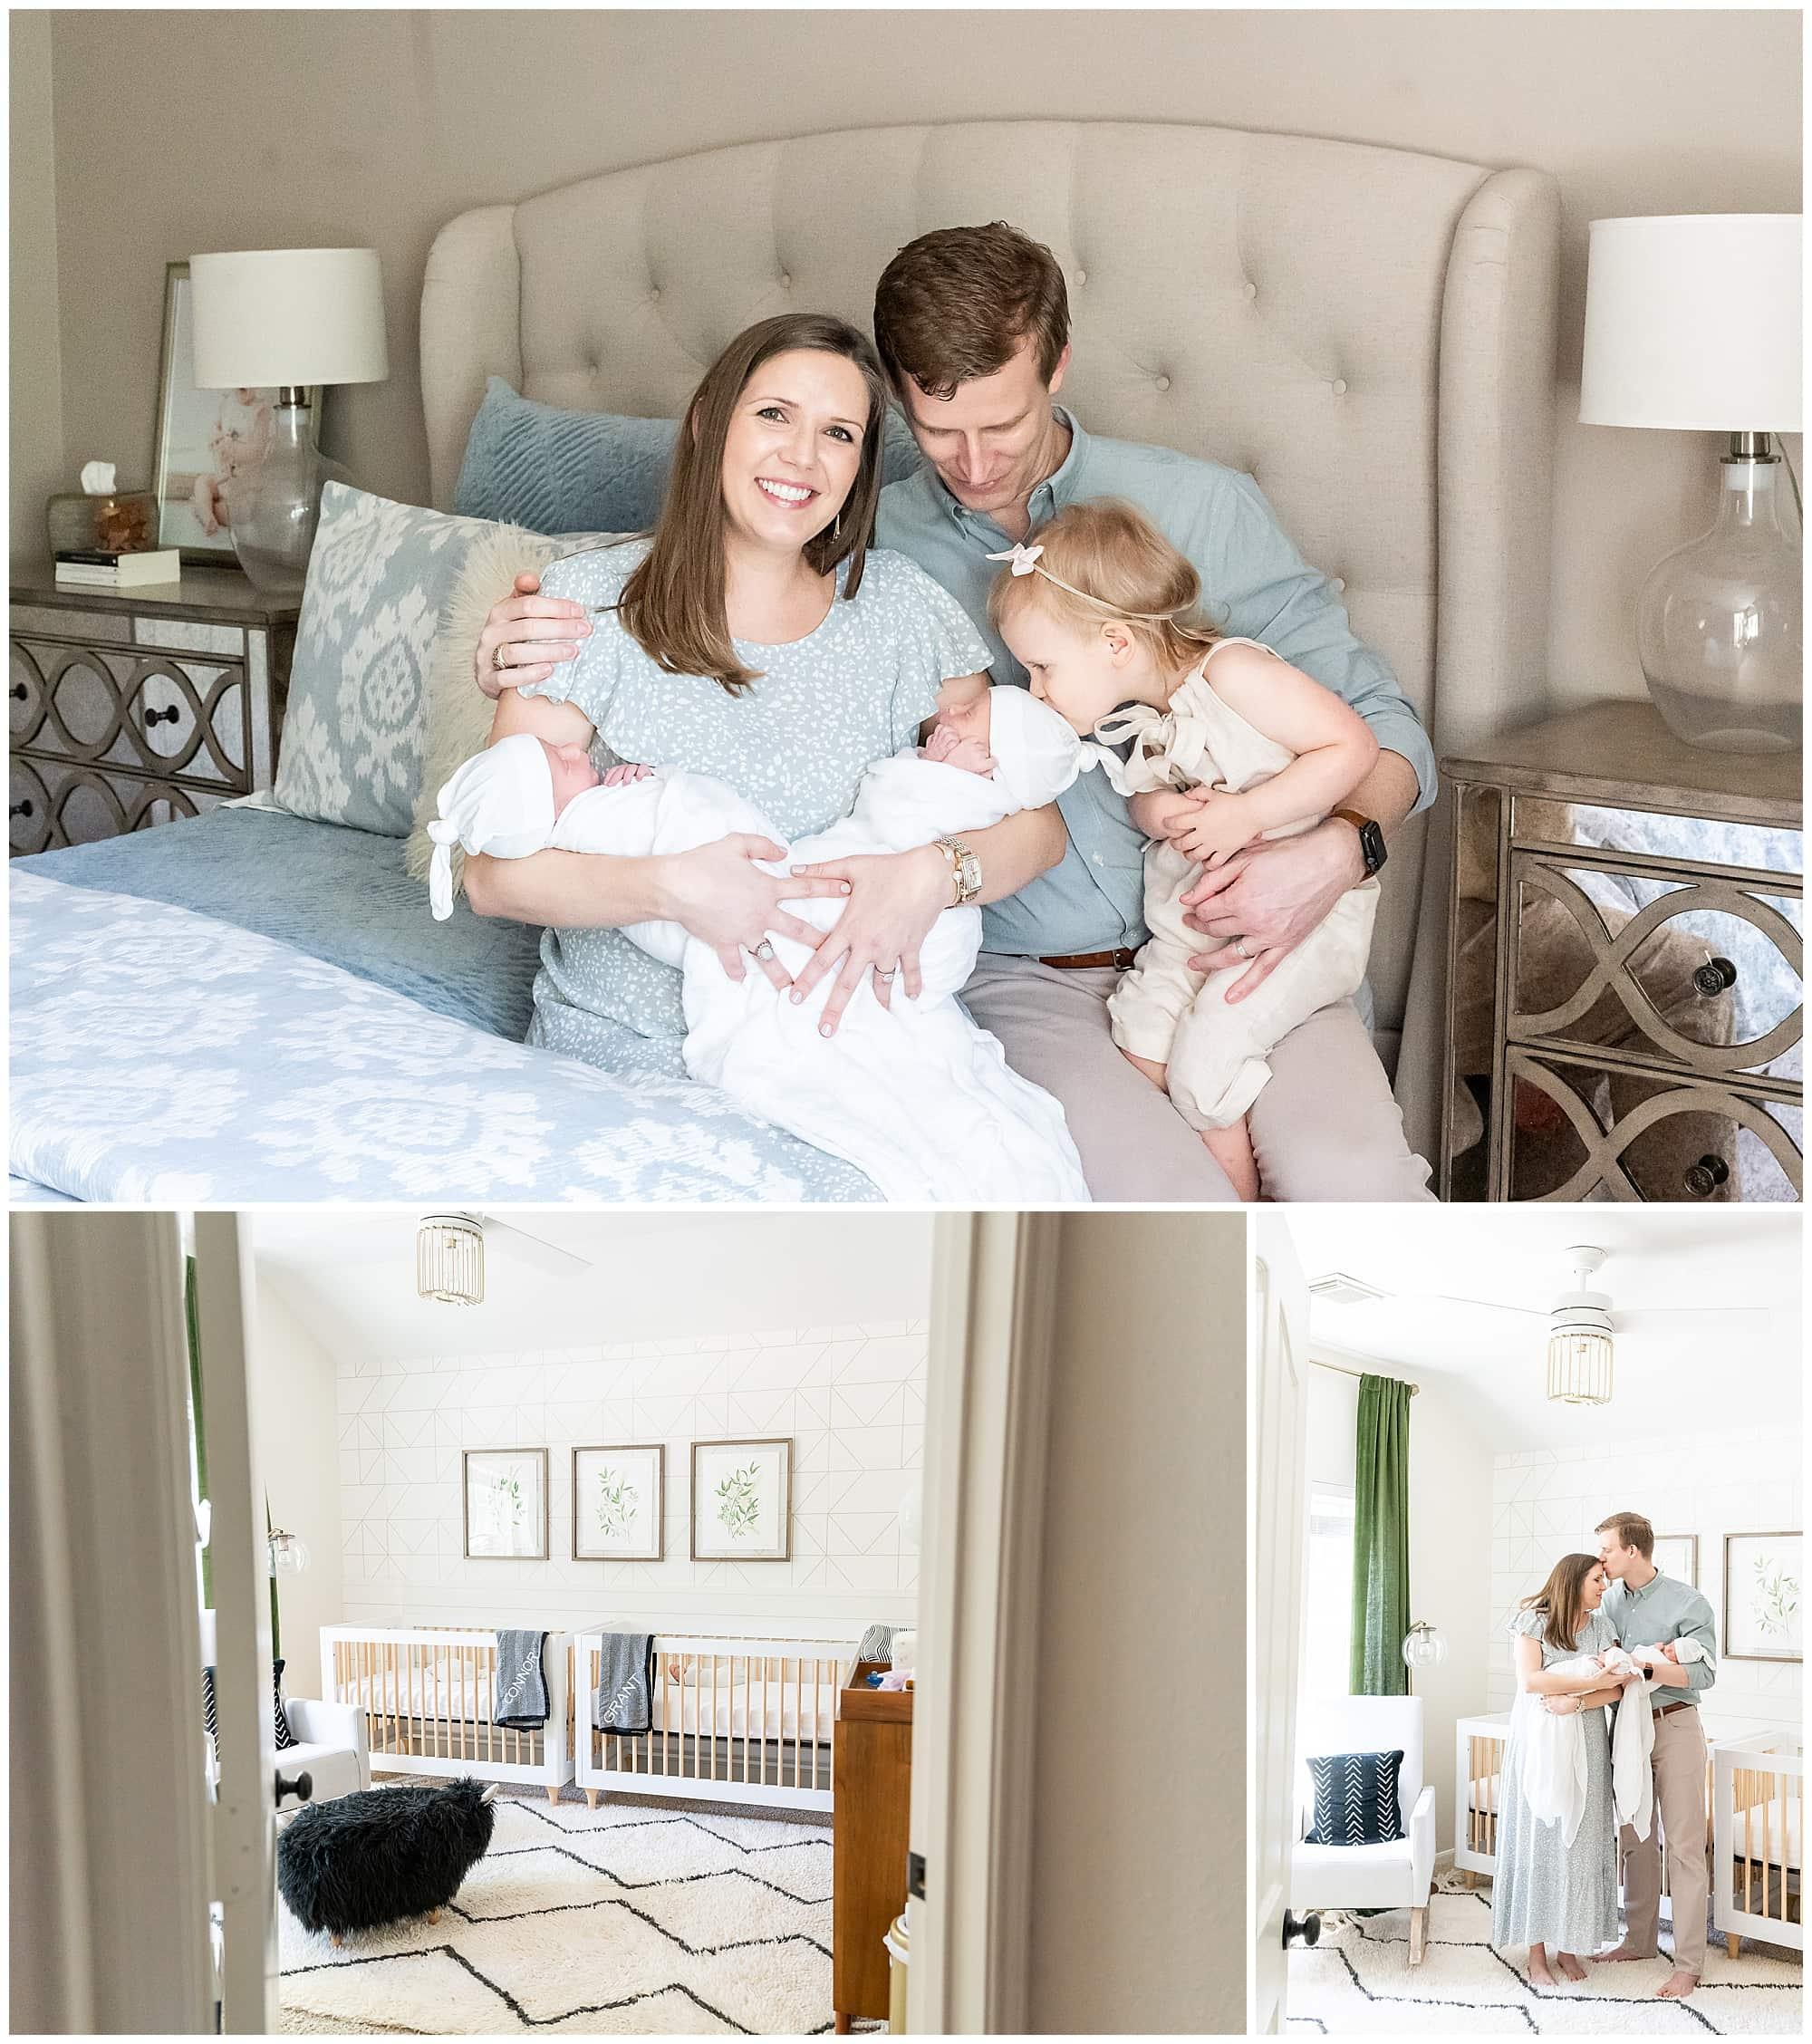 twin newborn photographer dallas